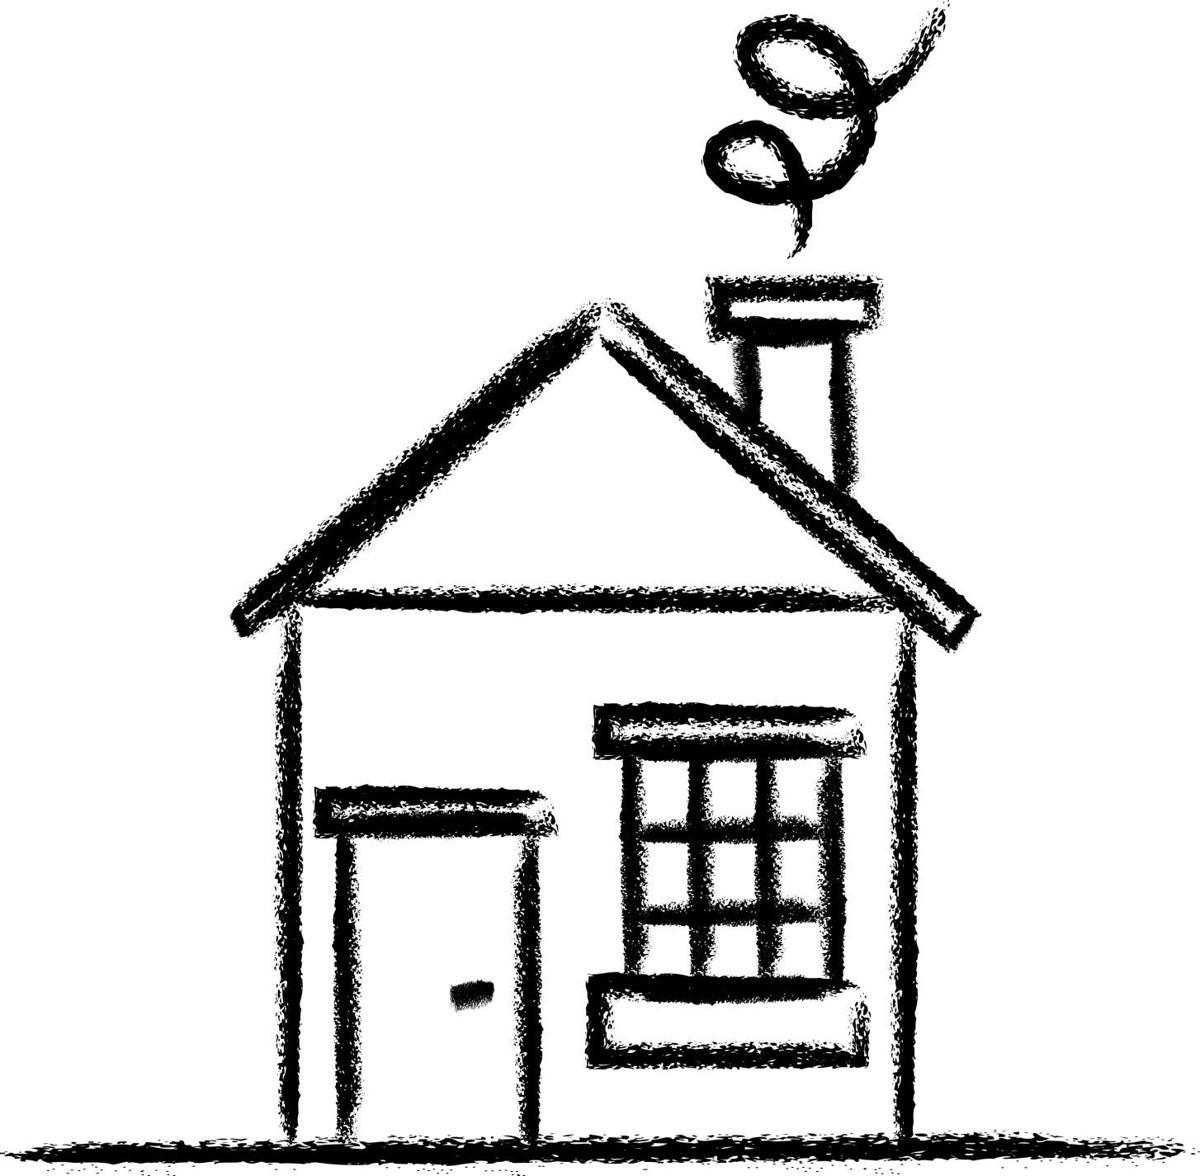 fredericksburg area real estate market strong as 2017